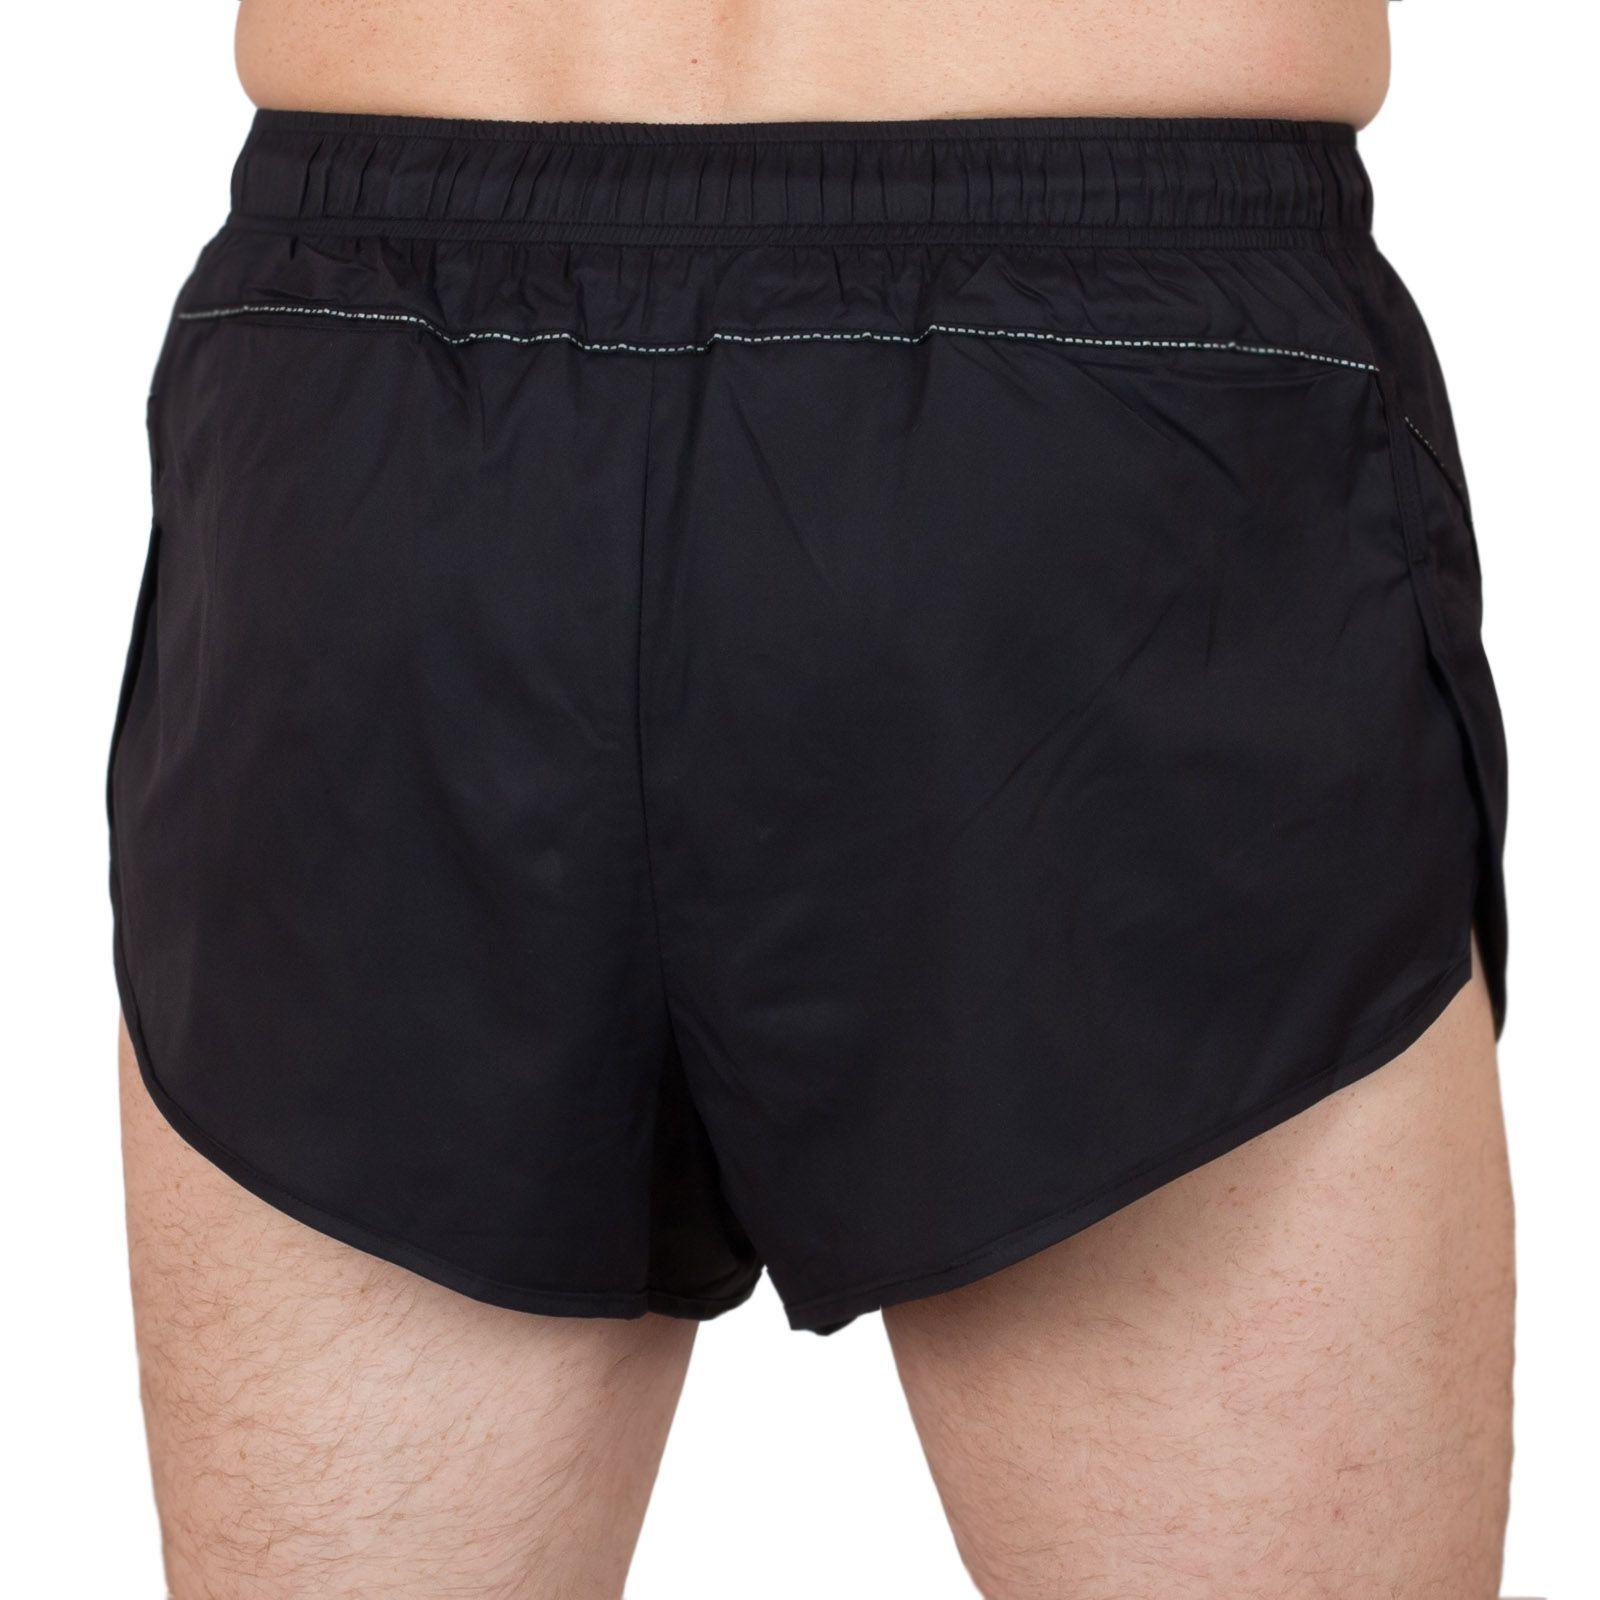 Курортные шорты для мужчин - вид сзади